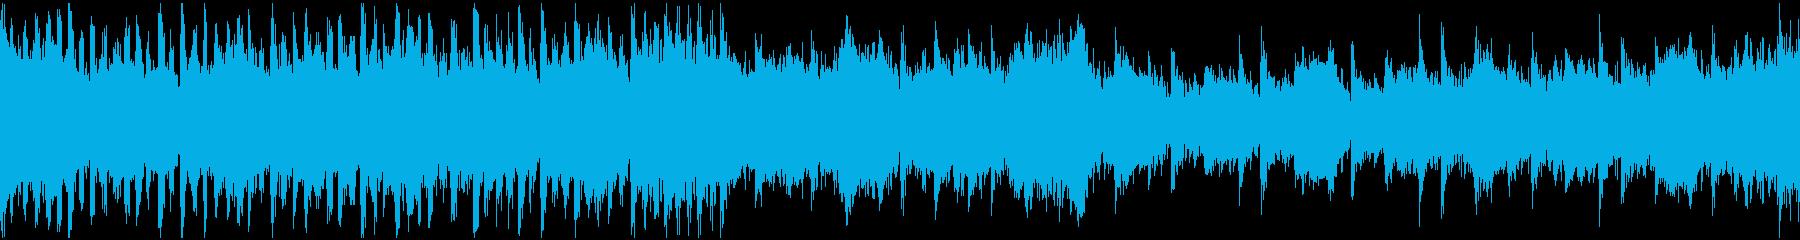 希望に溢れた明るいオーケストラ_ループ可の再生済みの波形